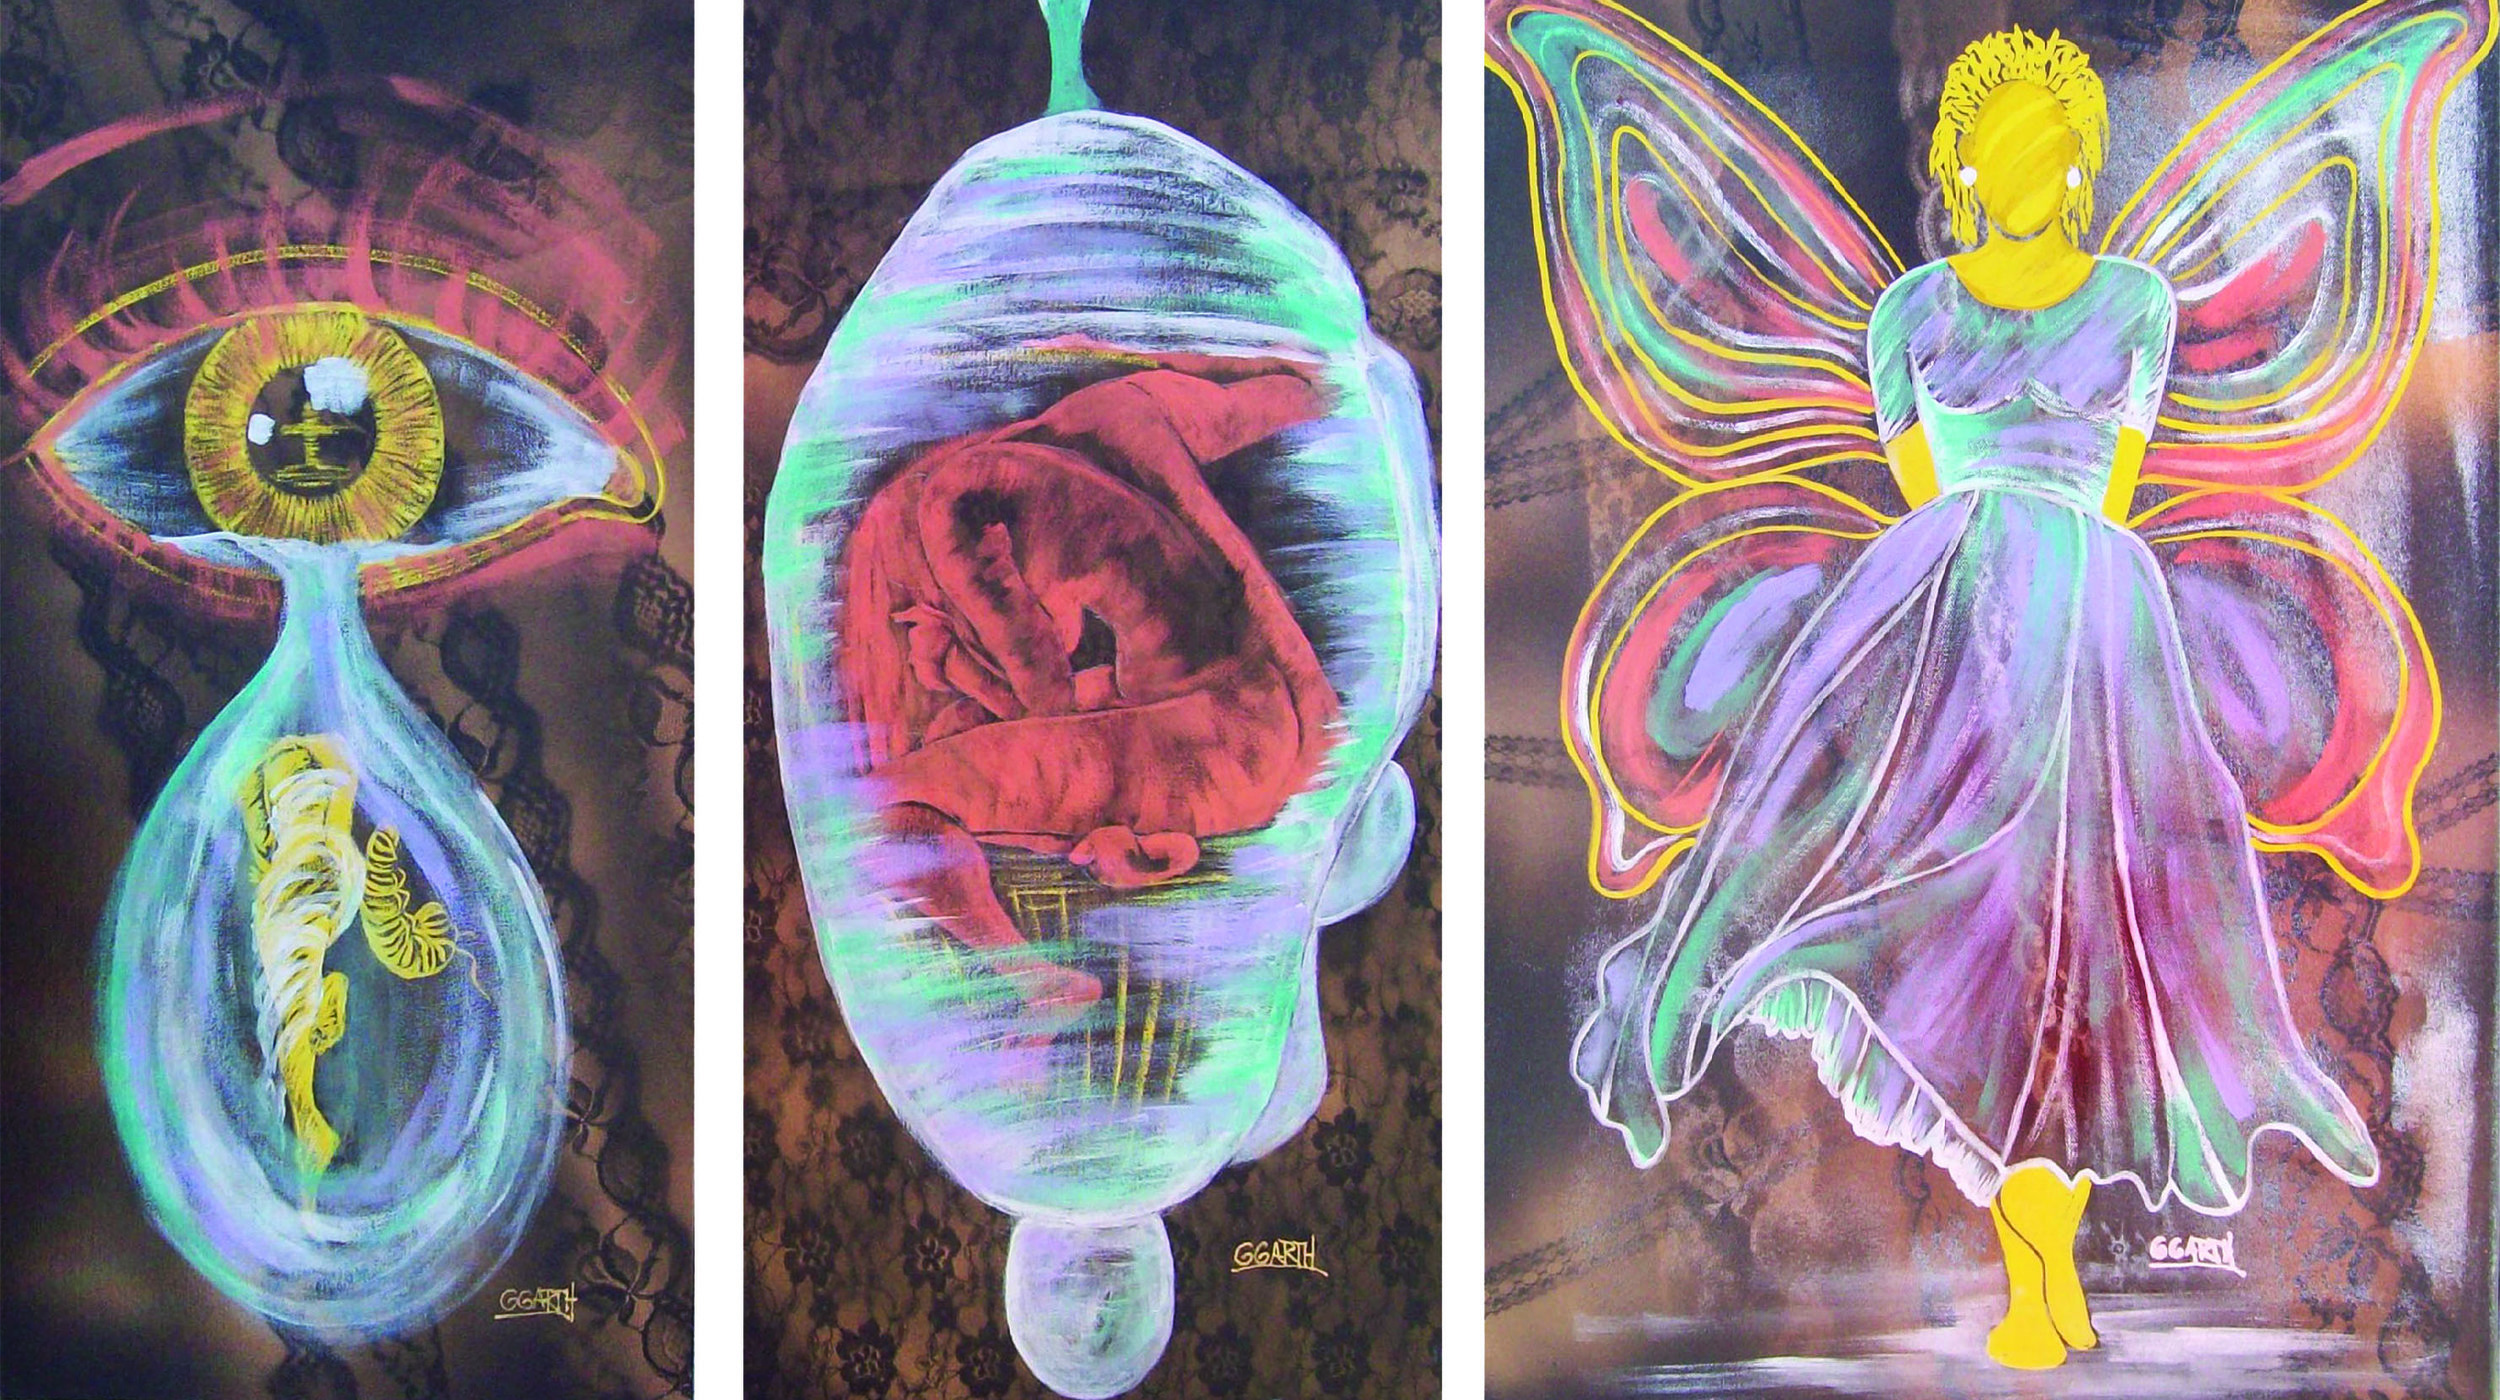 G. Garth No 5 - all_metamorphosis.jpg